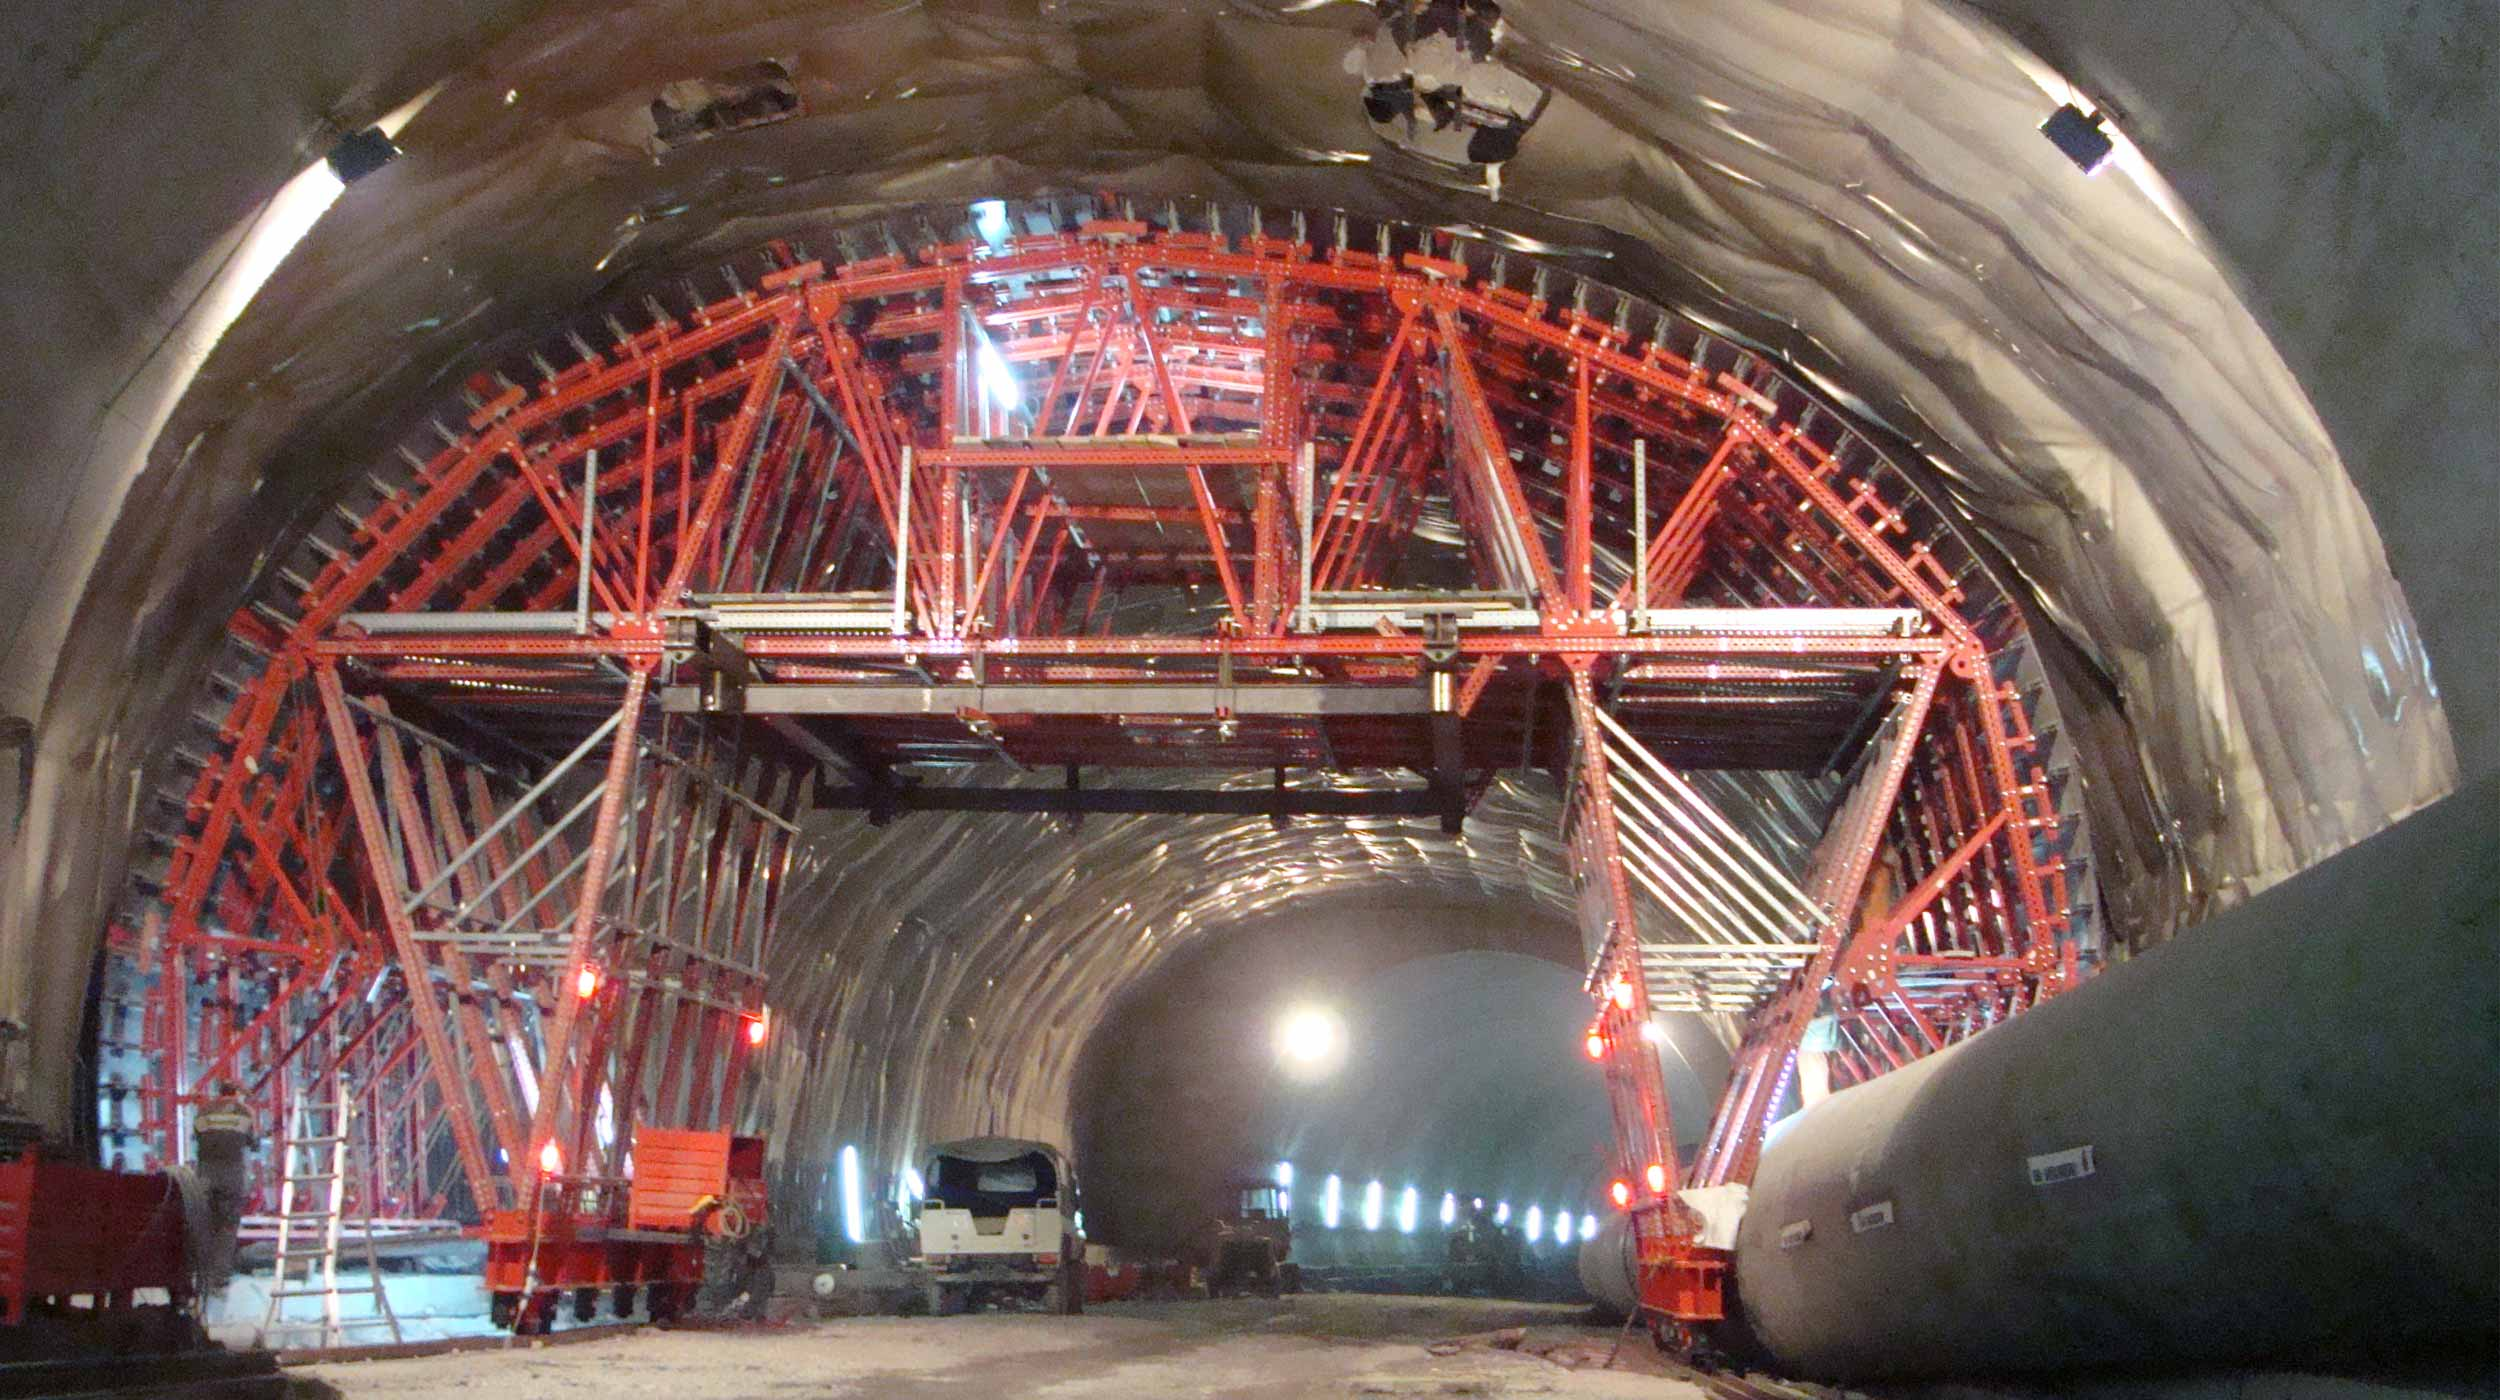 A execução deste túnel, sobretudo devido à sua largura, implicou num grande avanço na circulação do trânsito na zona de Pesaro.